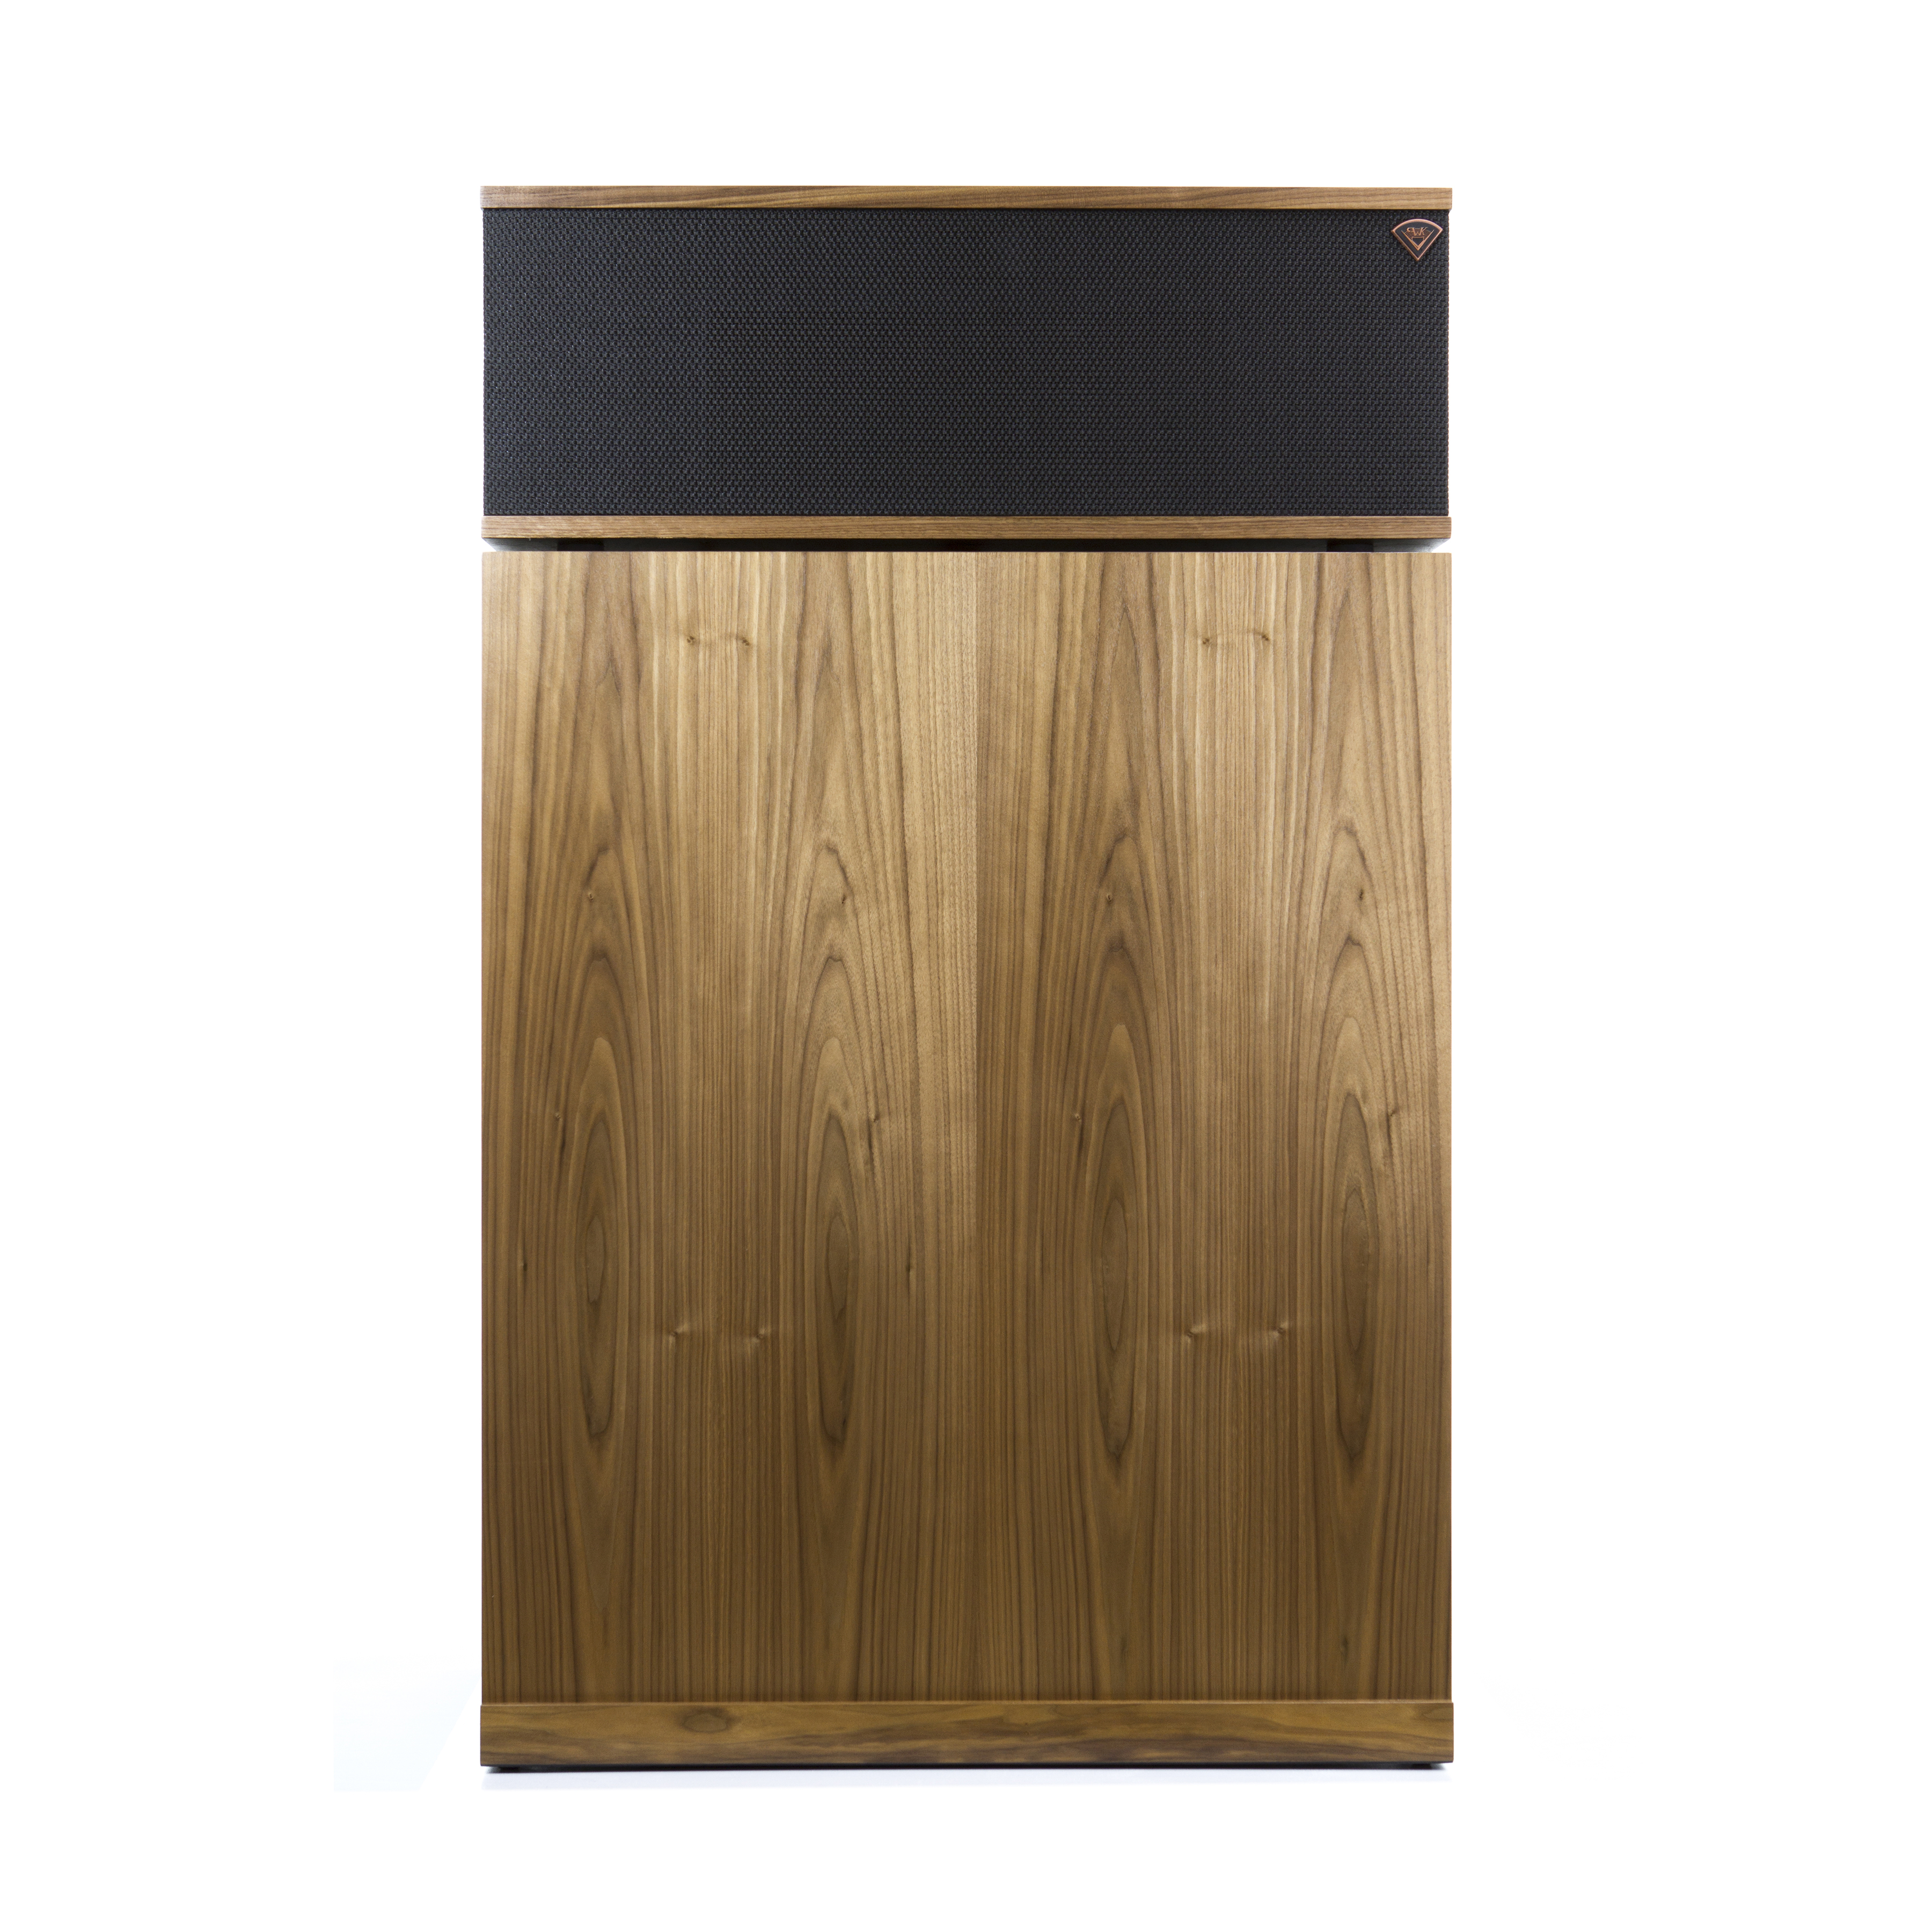 提供优质的胡桃木,樱桃木或黑槐木胶合板饰面